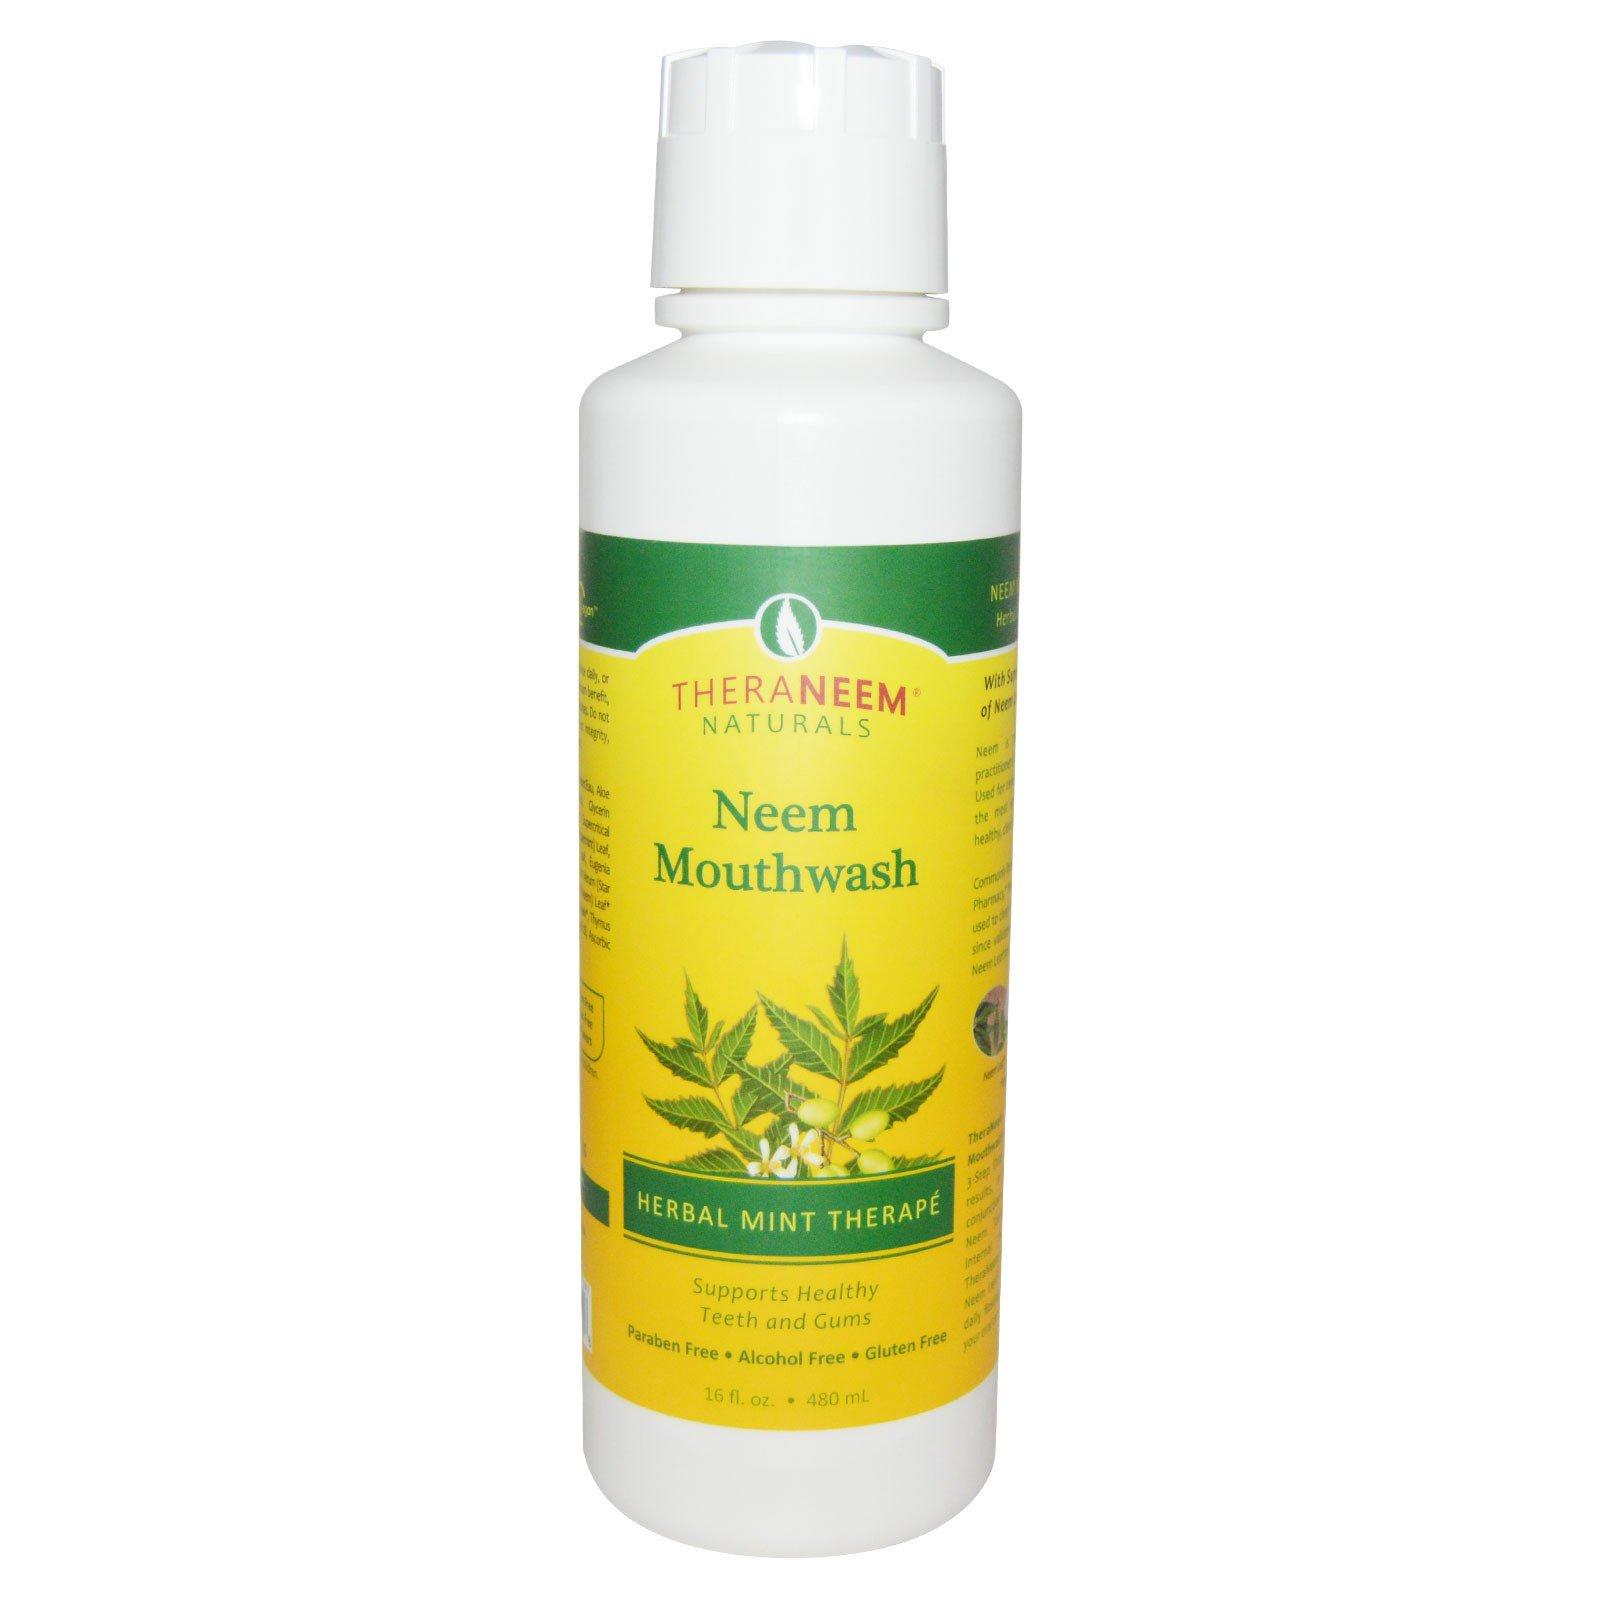 Organix South, TheraNeem Organix, жидкость для полоскания рта Neem, травяная терапия мяты, 16 жидких унций (480 мл)